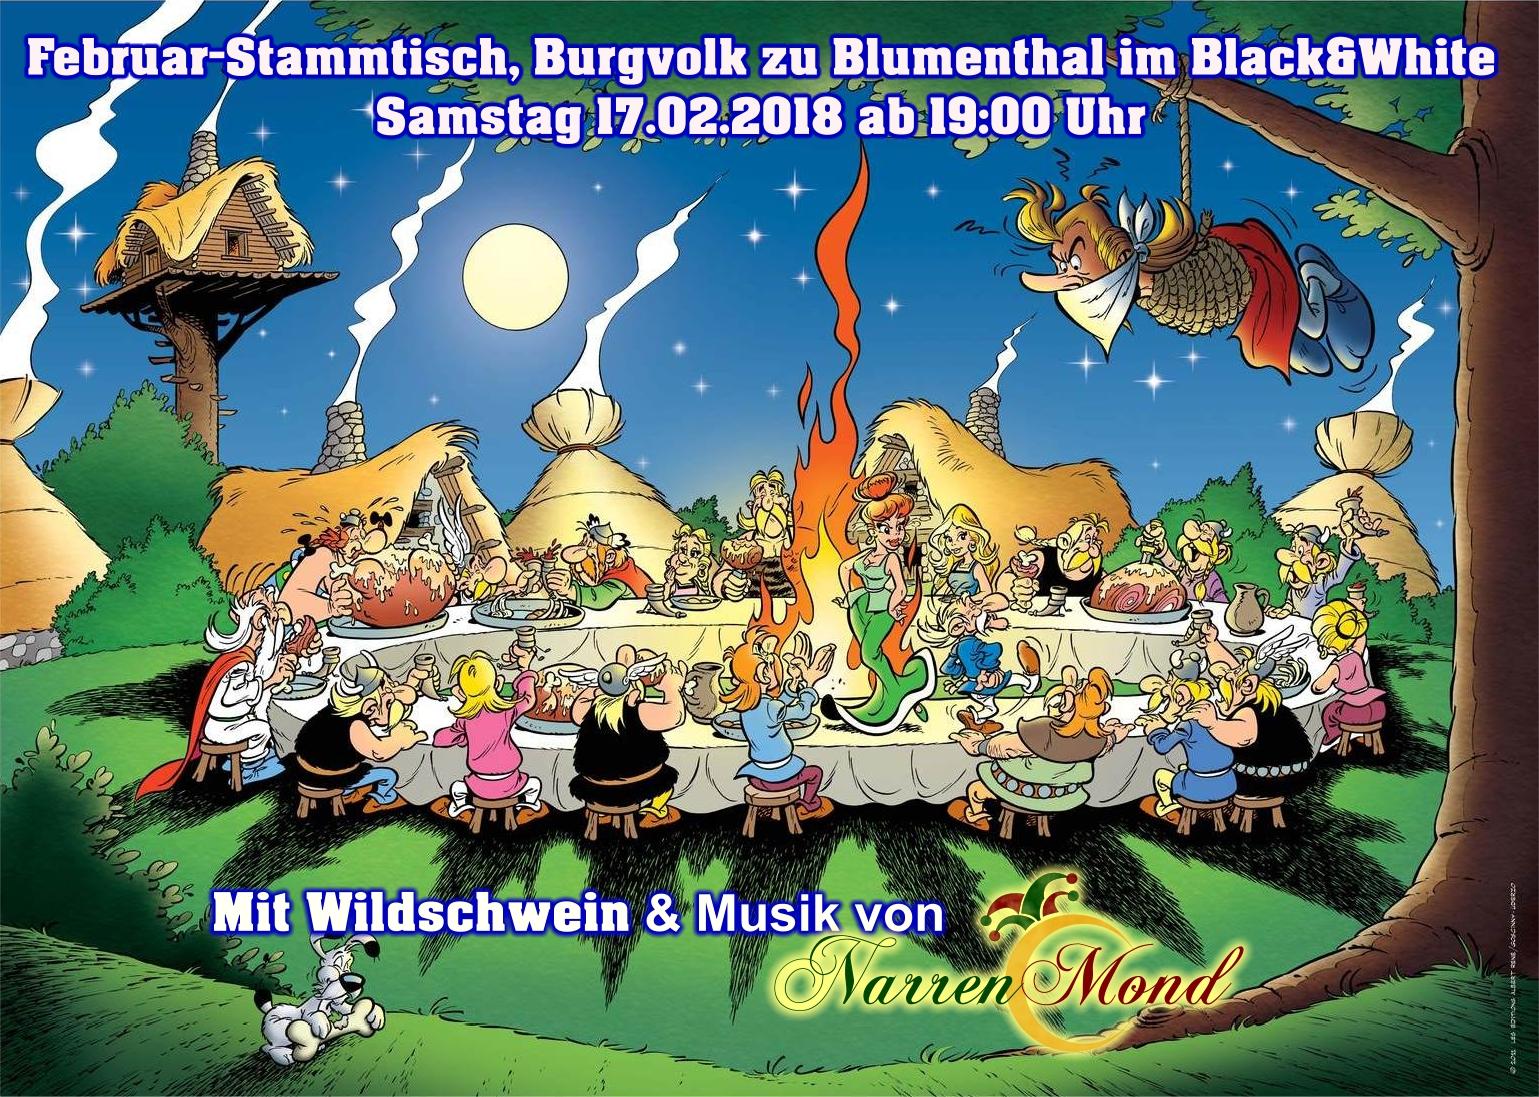 Februar-Stammtisch des Burgvolkes zu Blumenthal